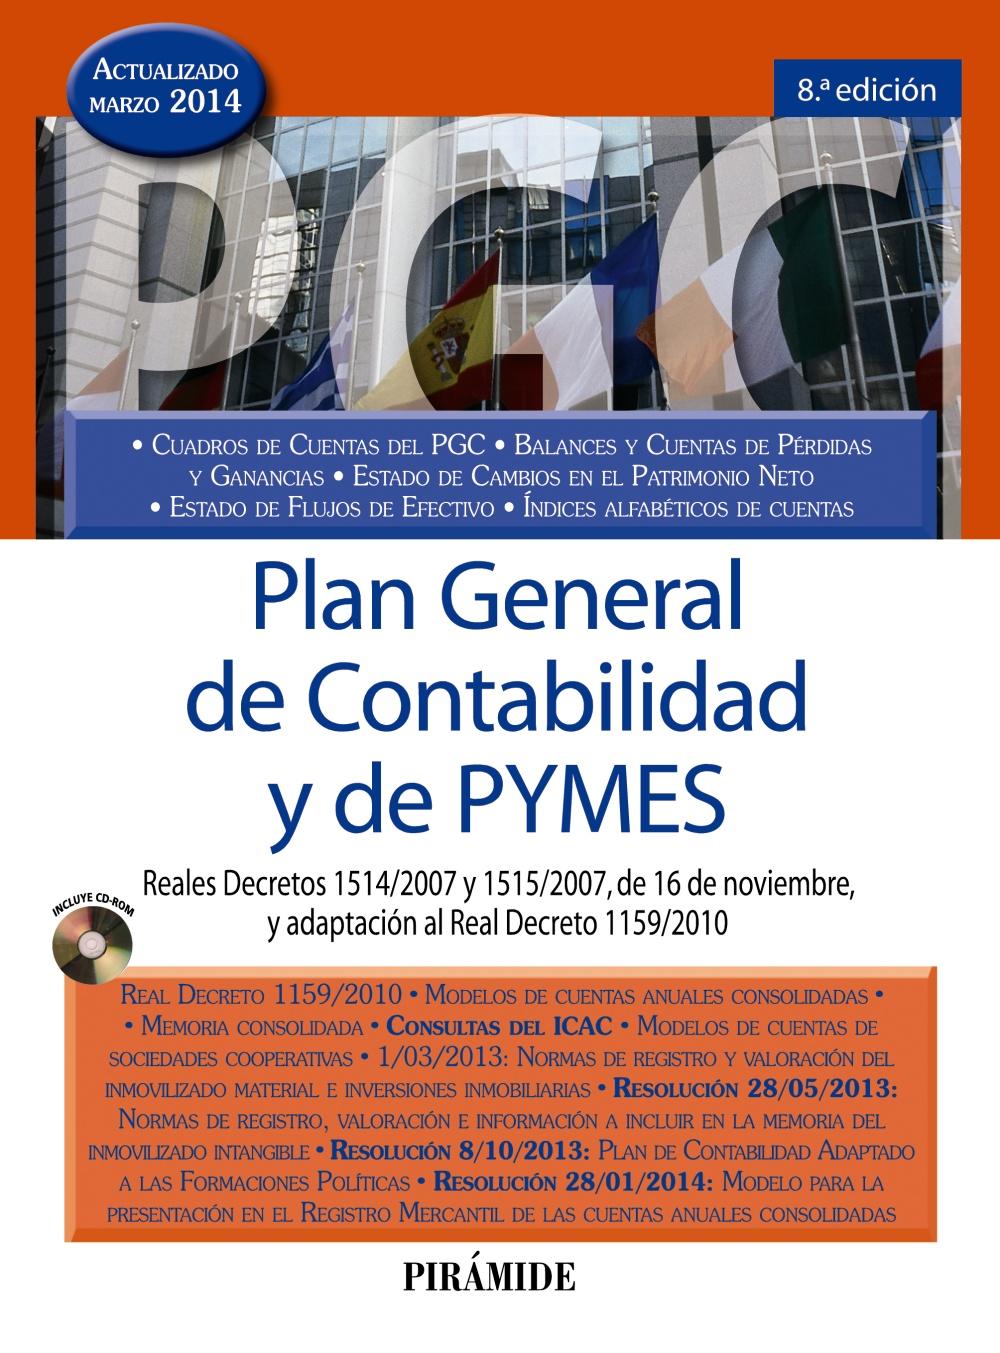 PLAN GENERAL DE CONTABILIDAD Y DE PYMES : REALES DECRETOS 1514-2007 Y 1515-2007, DE 16 DE NOVIE